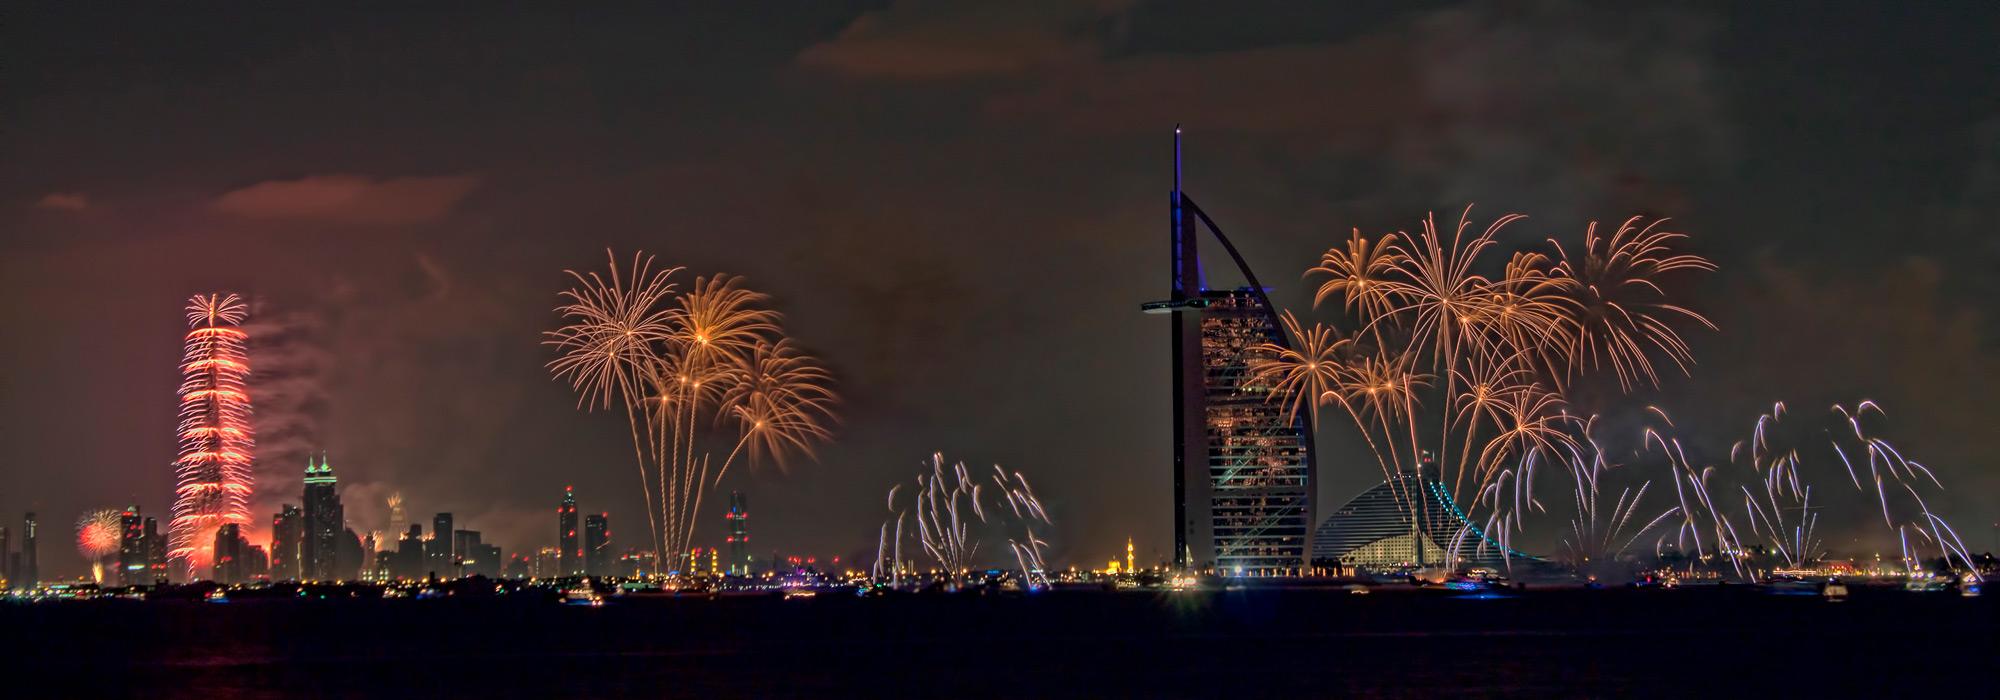 Events in Dubai